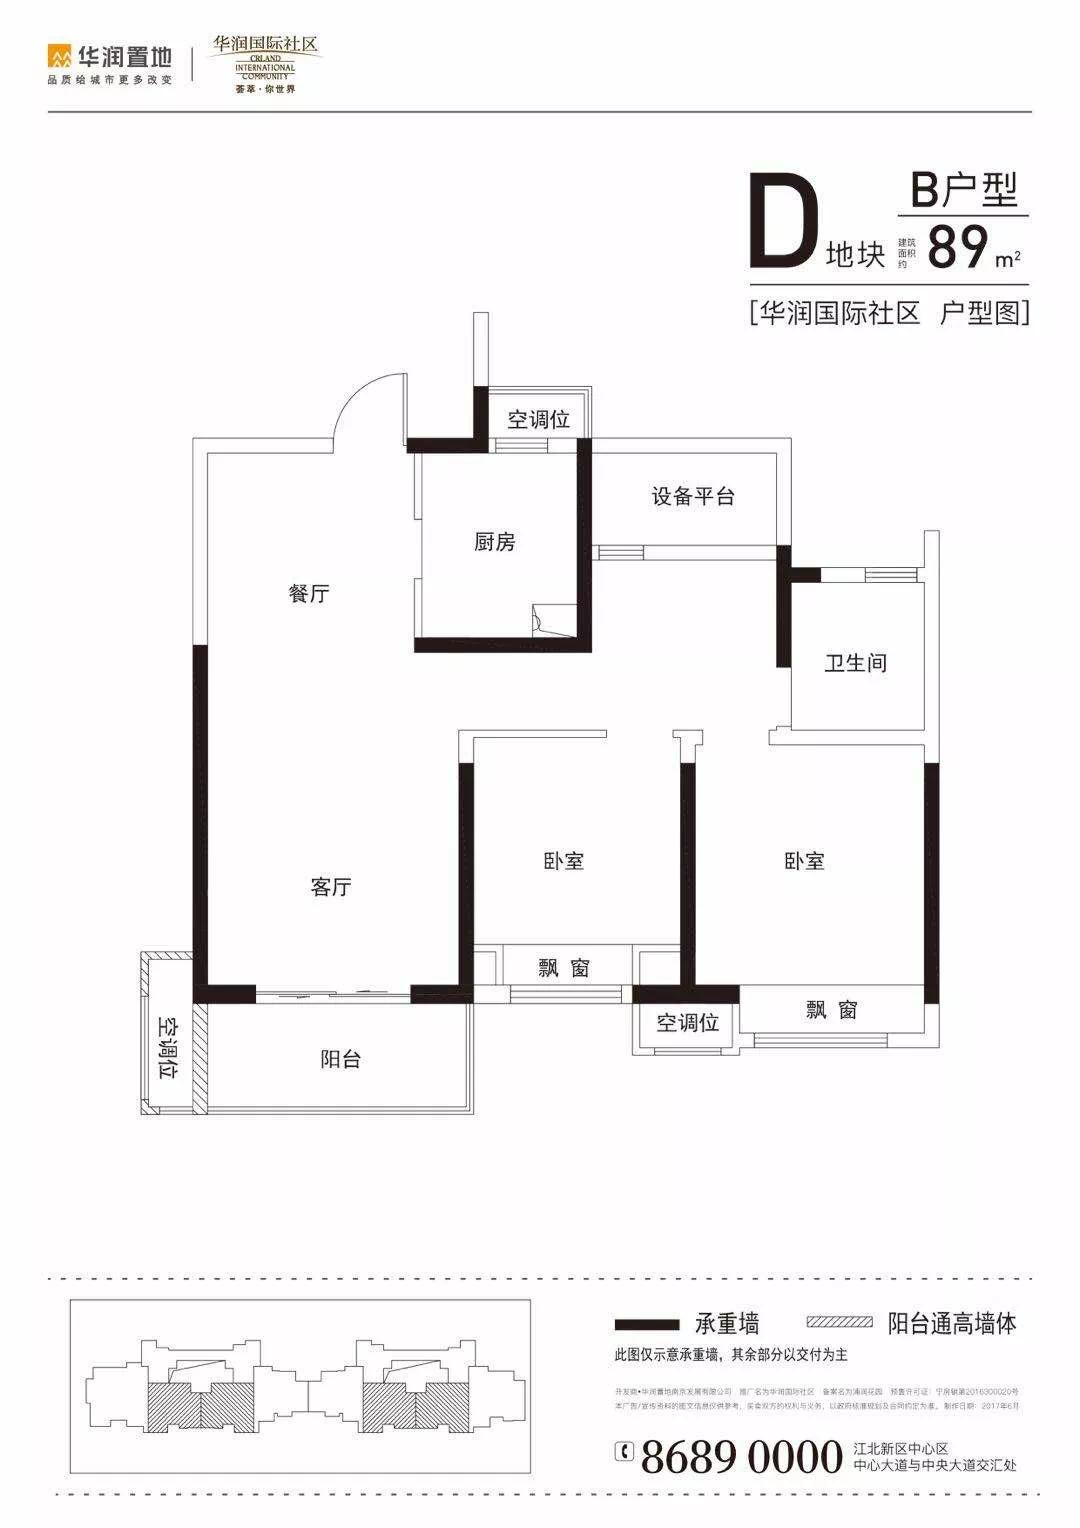 江北核心区太火爆!今年开盘6次,平均每次6900组客户!